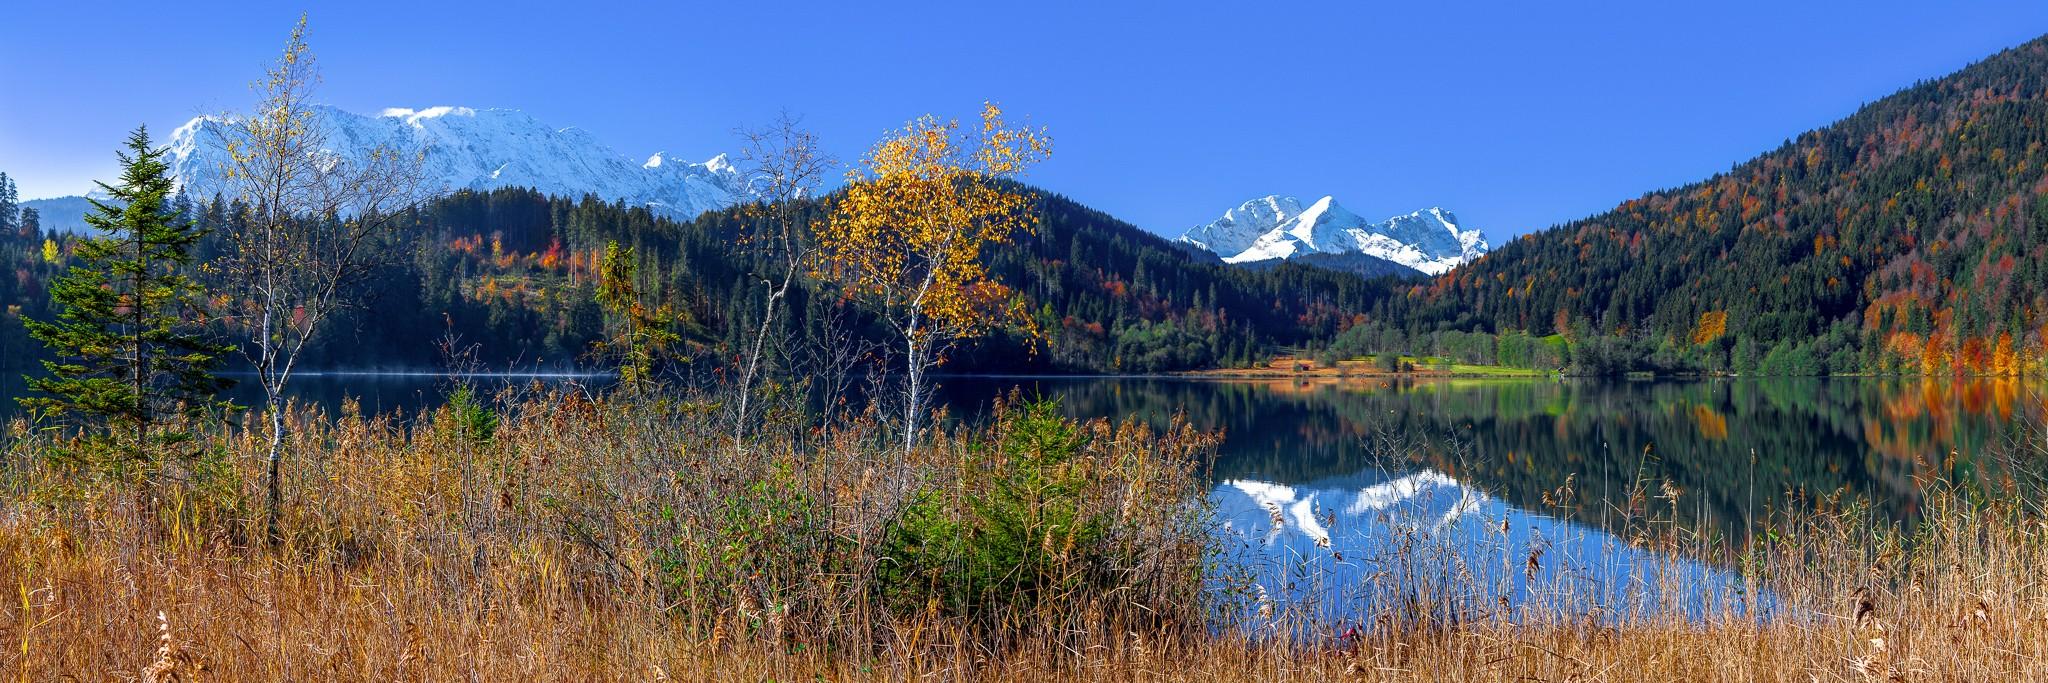 Barmsee-Herbst Panorama mit Spiegelung im See - Alpspitze Zugspitze